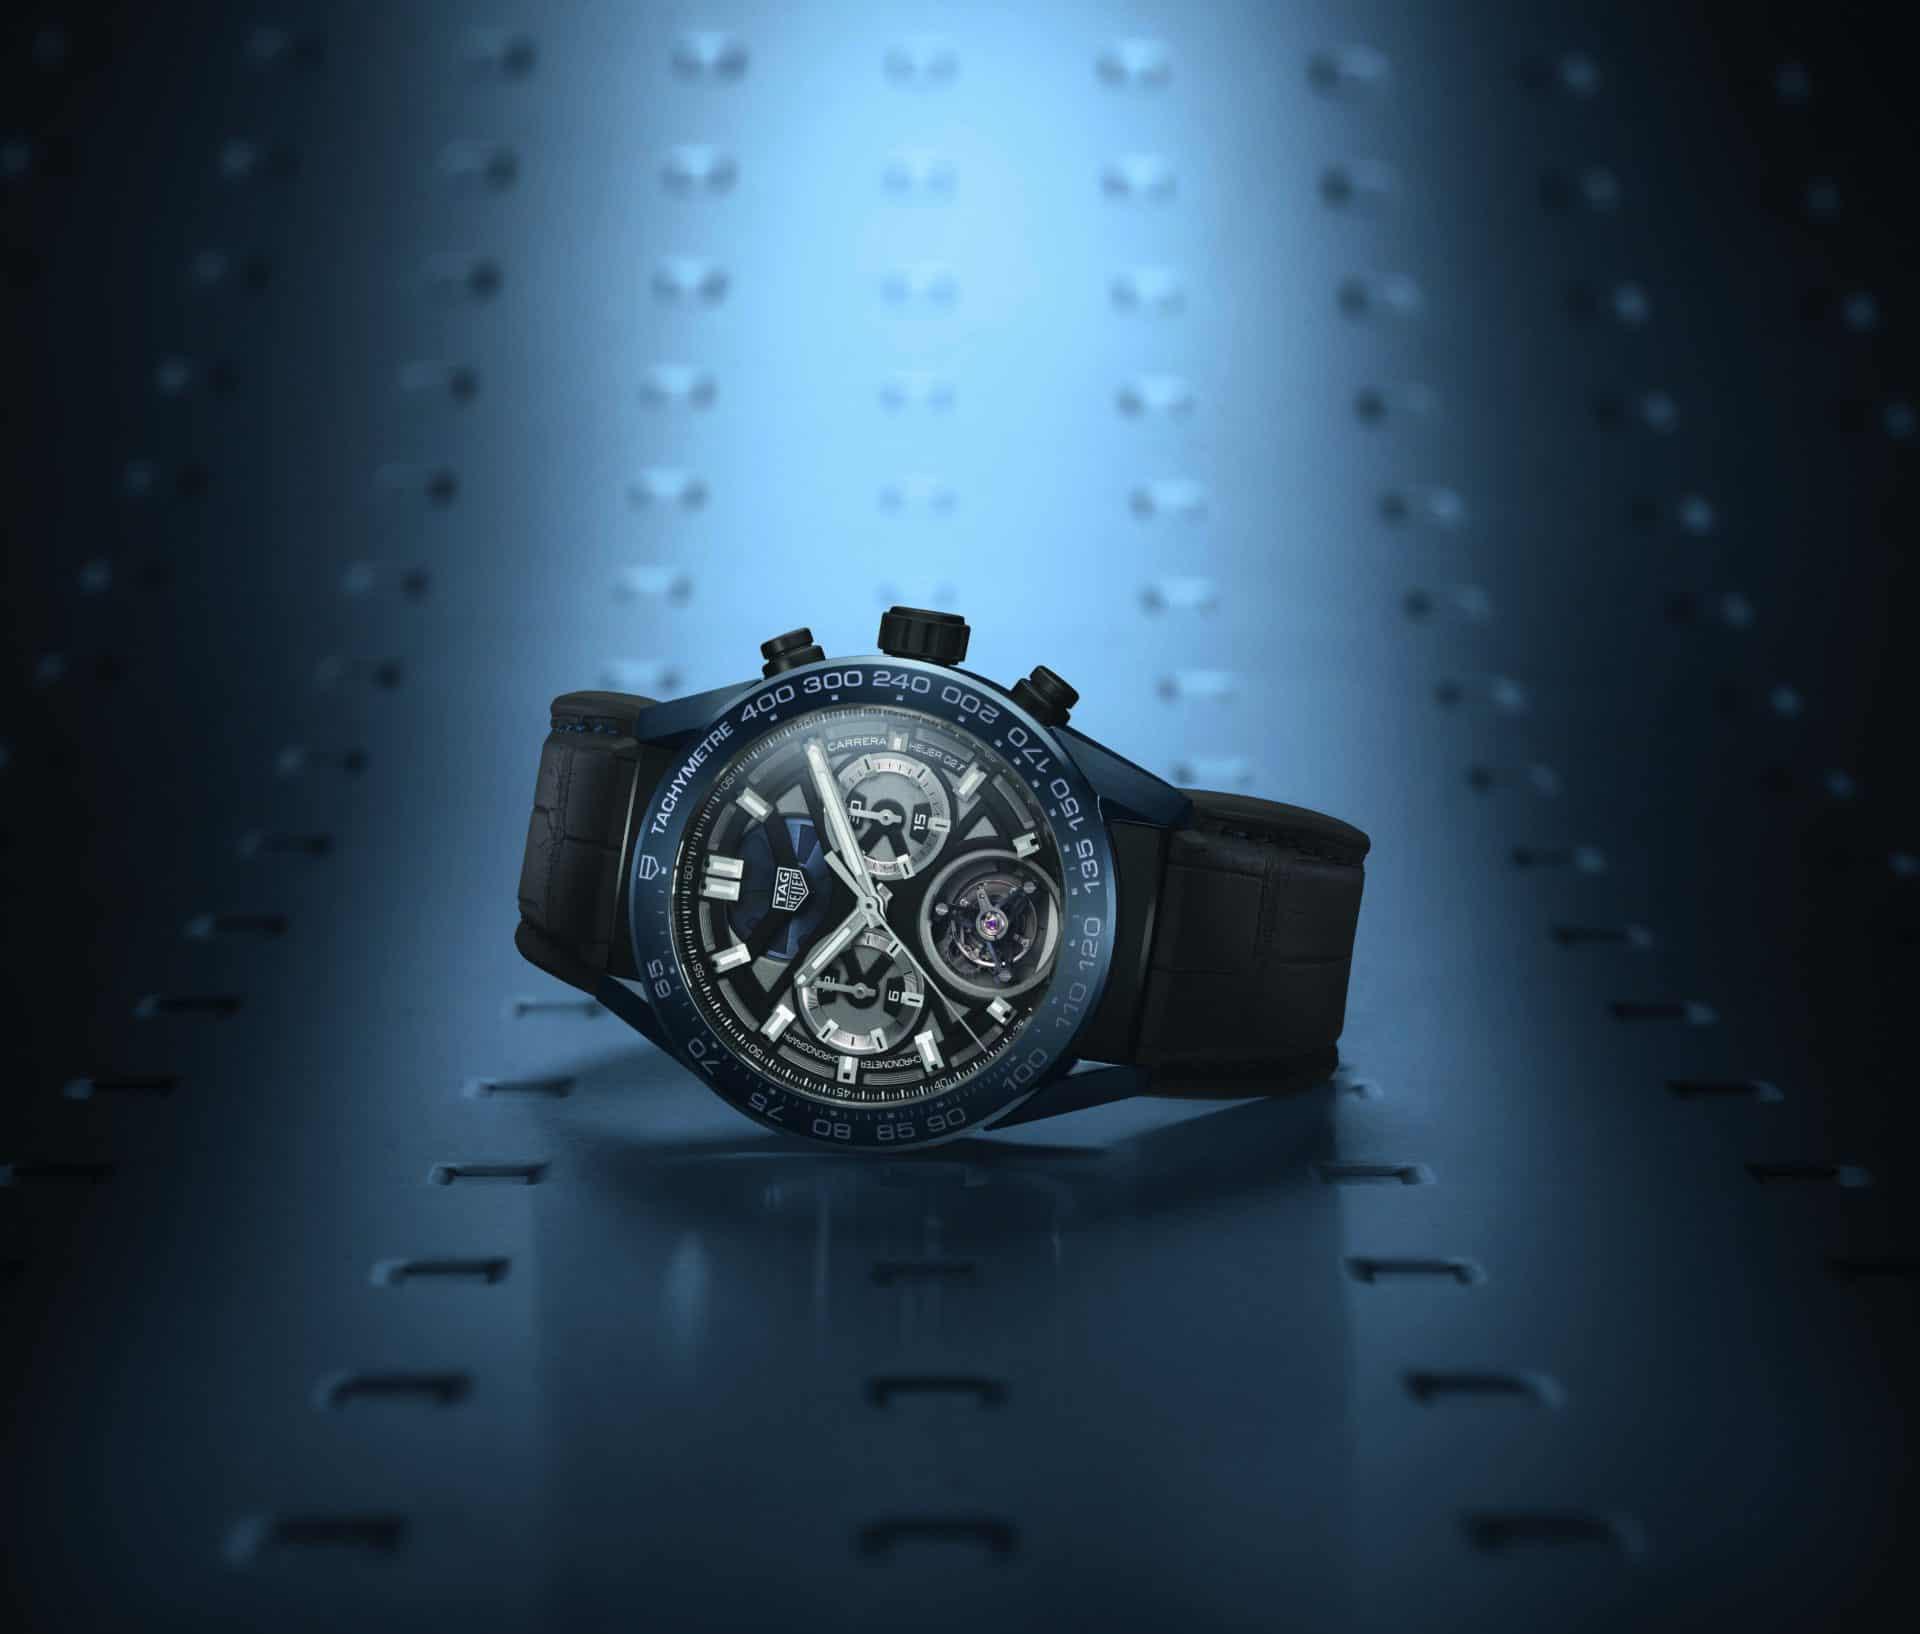 Hightech Uhren aus KeramikUltrahart: 4 sportliche Uhren aus Keramik